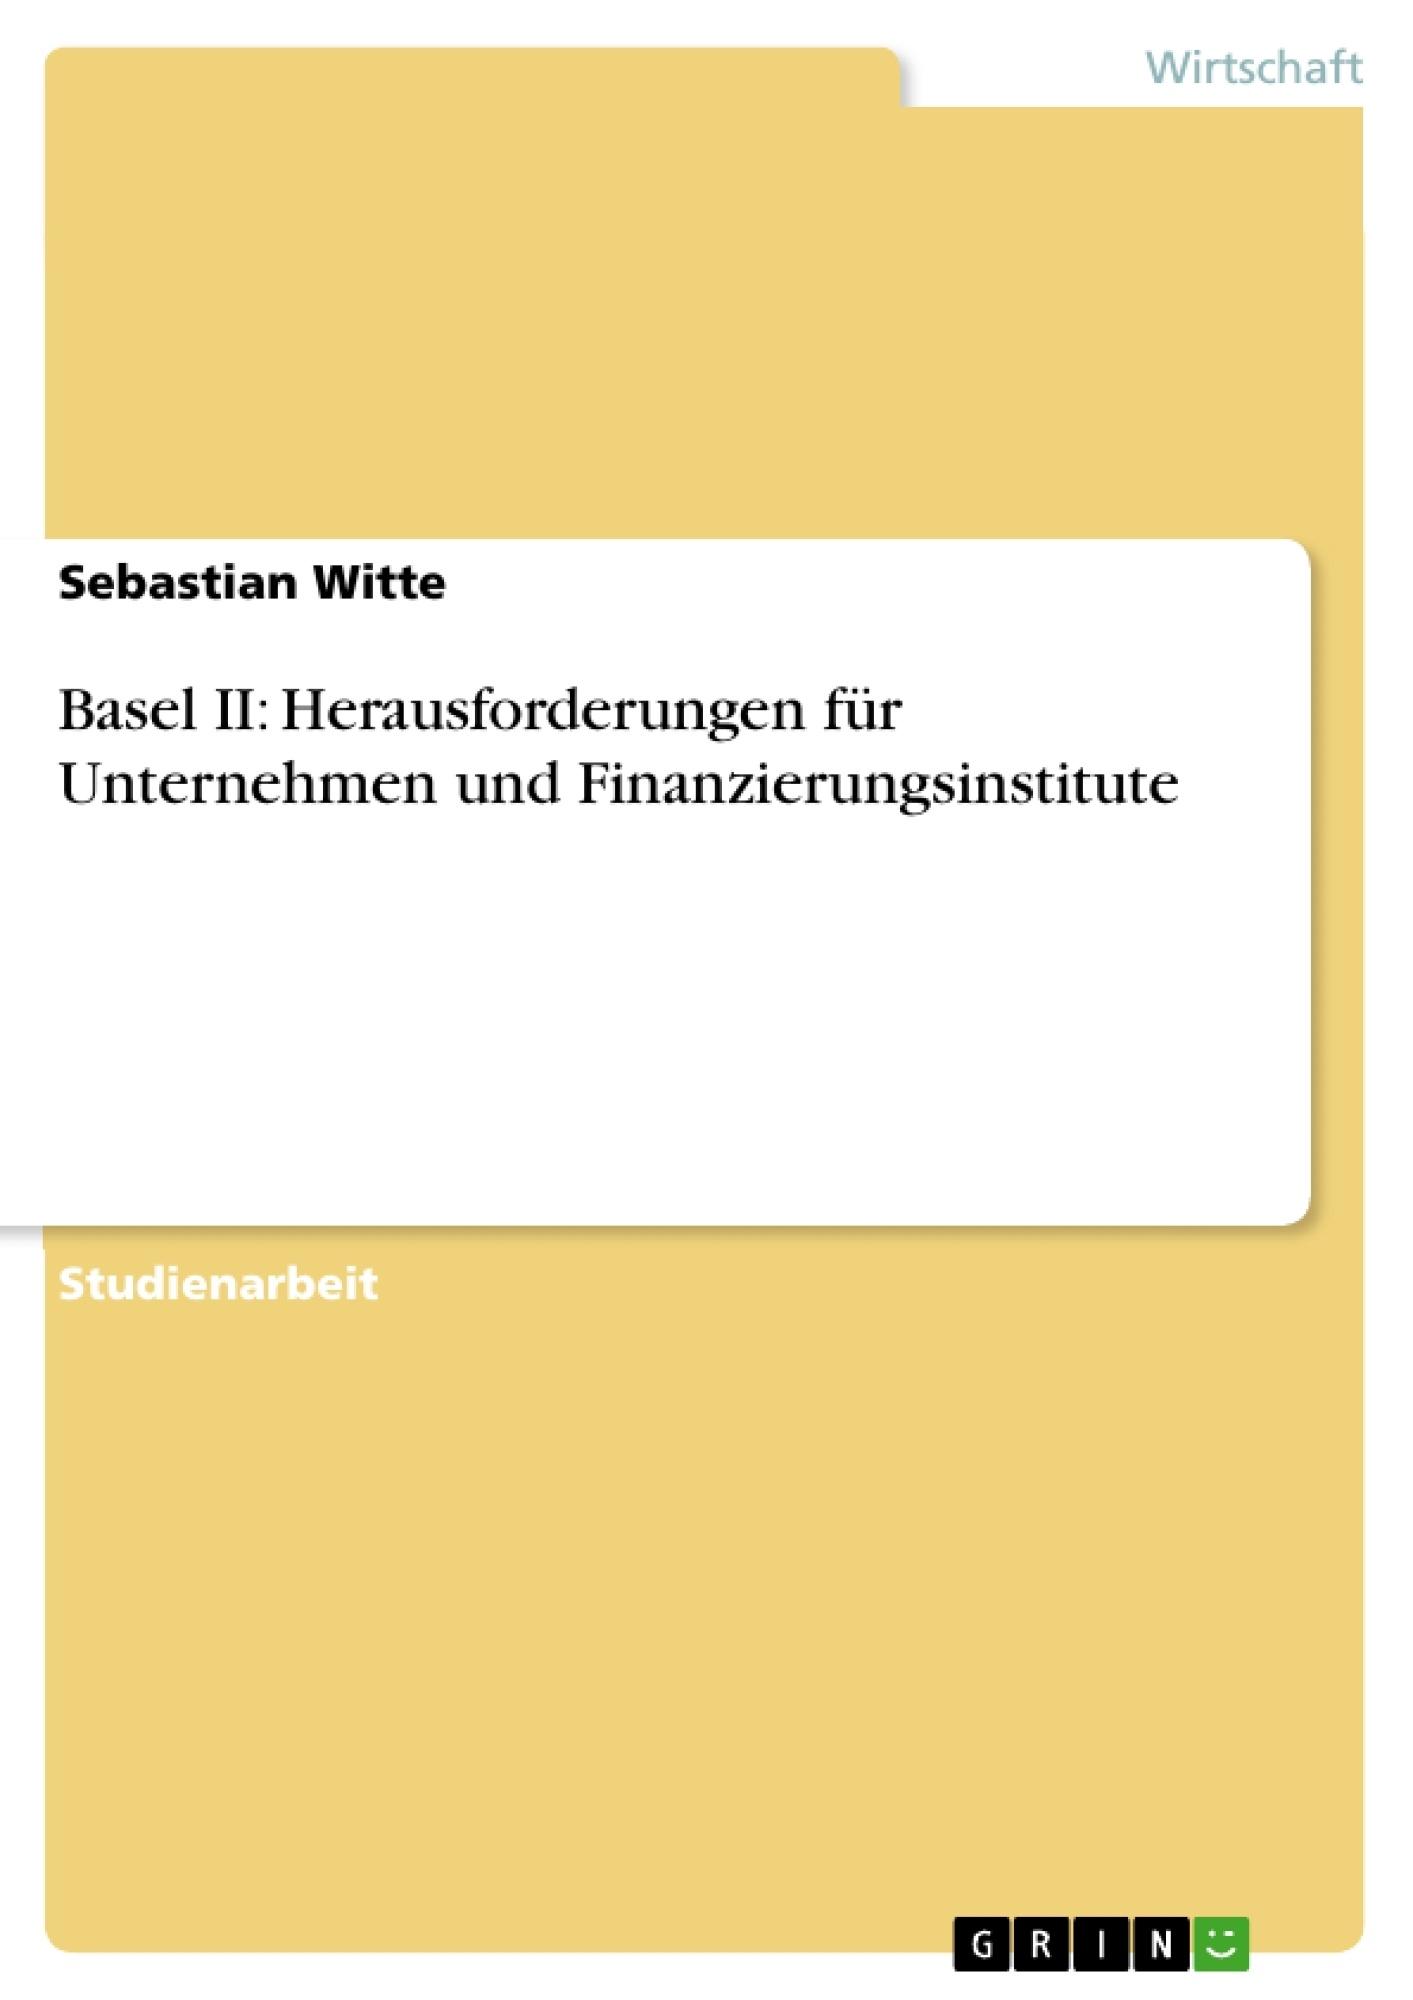 Titel: Basel II: Herausforderungen für Unternehmen und Finanzierungsinstitute